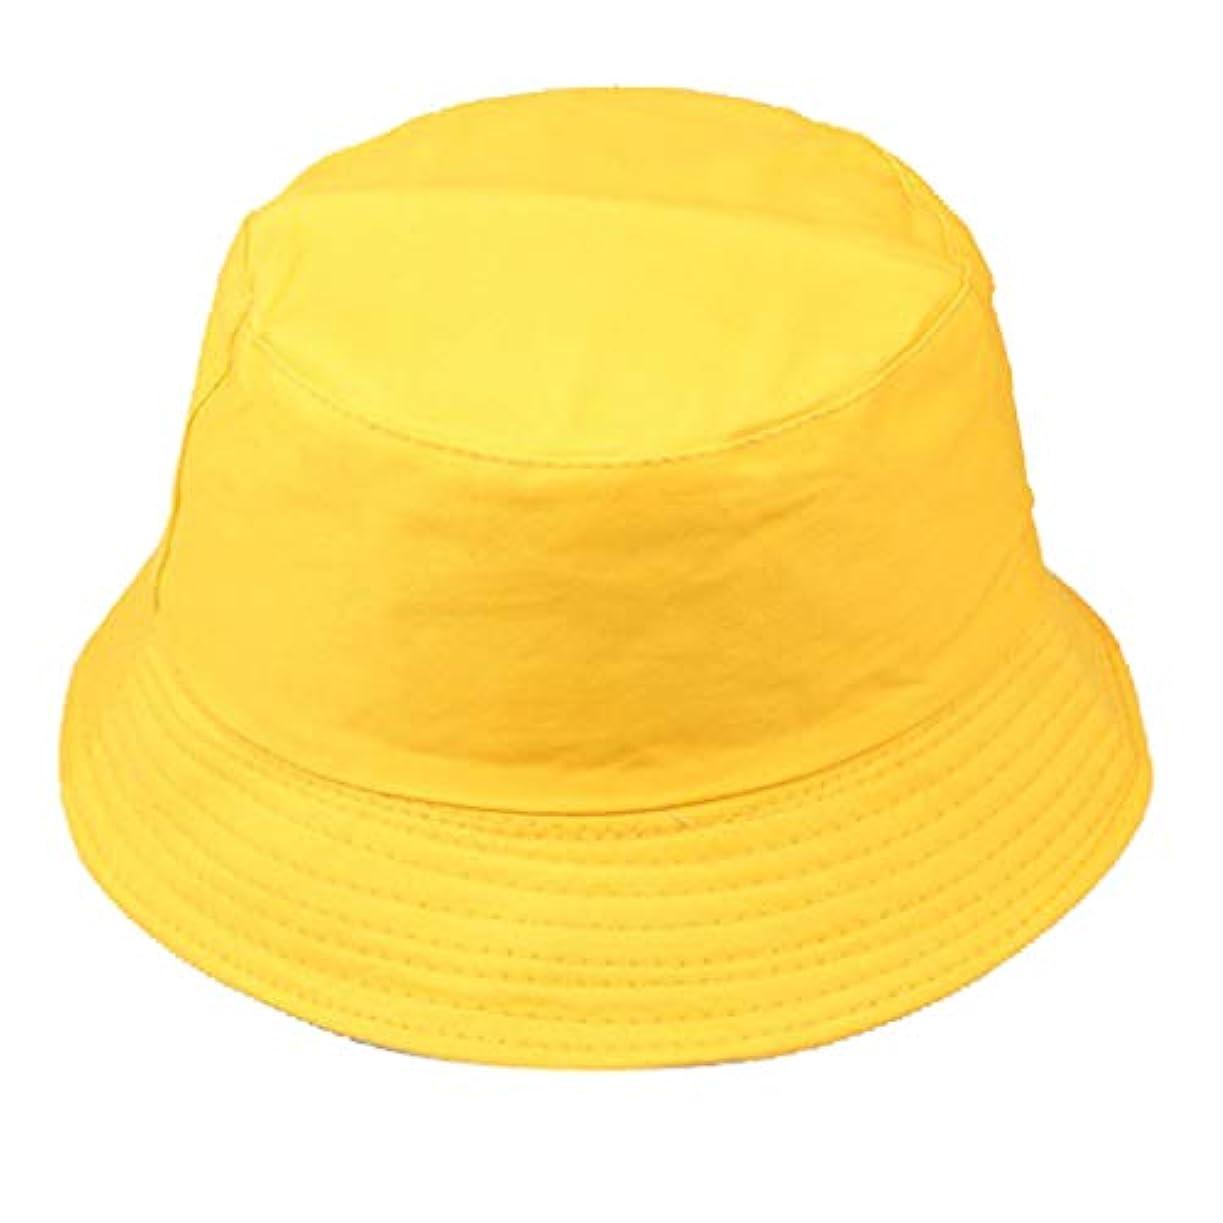 効能ある肘掛け椅子買い手帽子 レディース 漁師帽 つば広 UVカット 熱中症 夏 海 紫外線 日除け レディース 帽子 キャップ ハット レディース 漁師の帽子 小顔効果抜群 アウトドア 紫外線対策 日焼け対策 ハット 調整テープ ROSE ROMAN